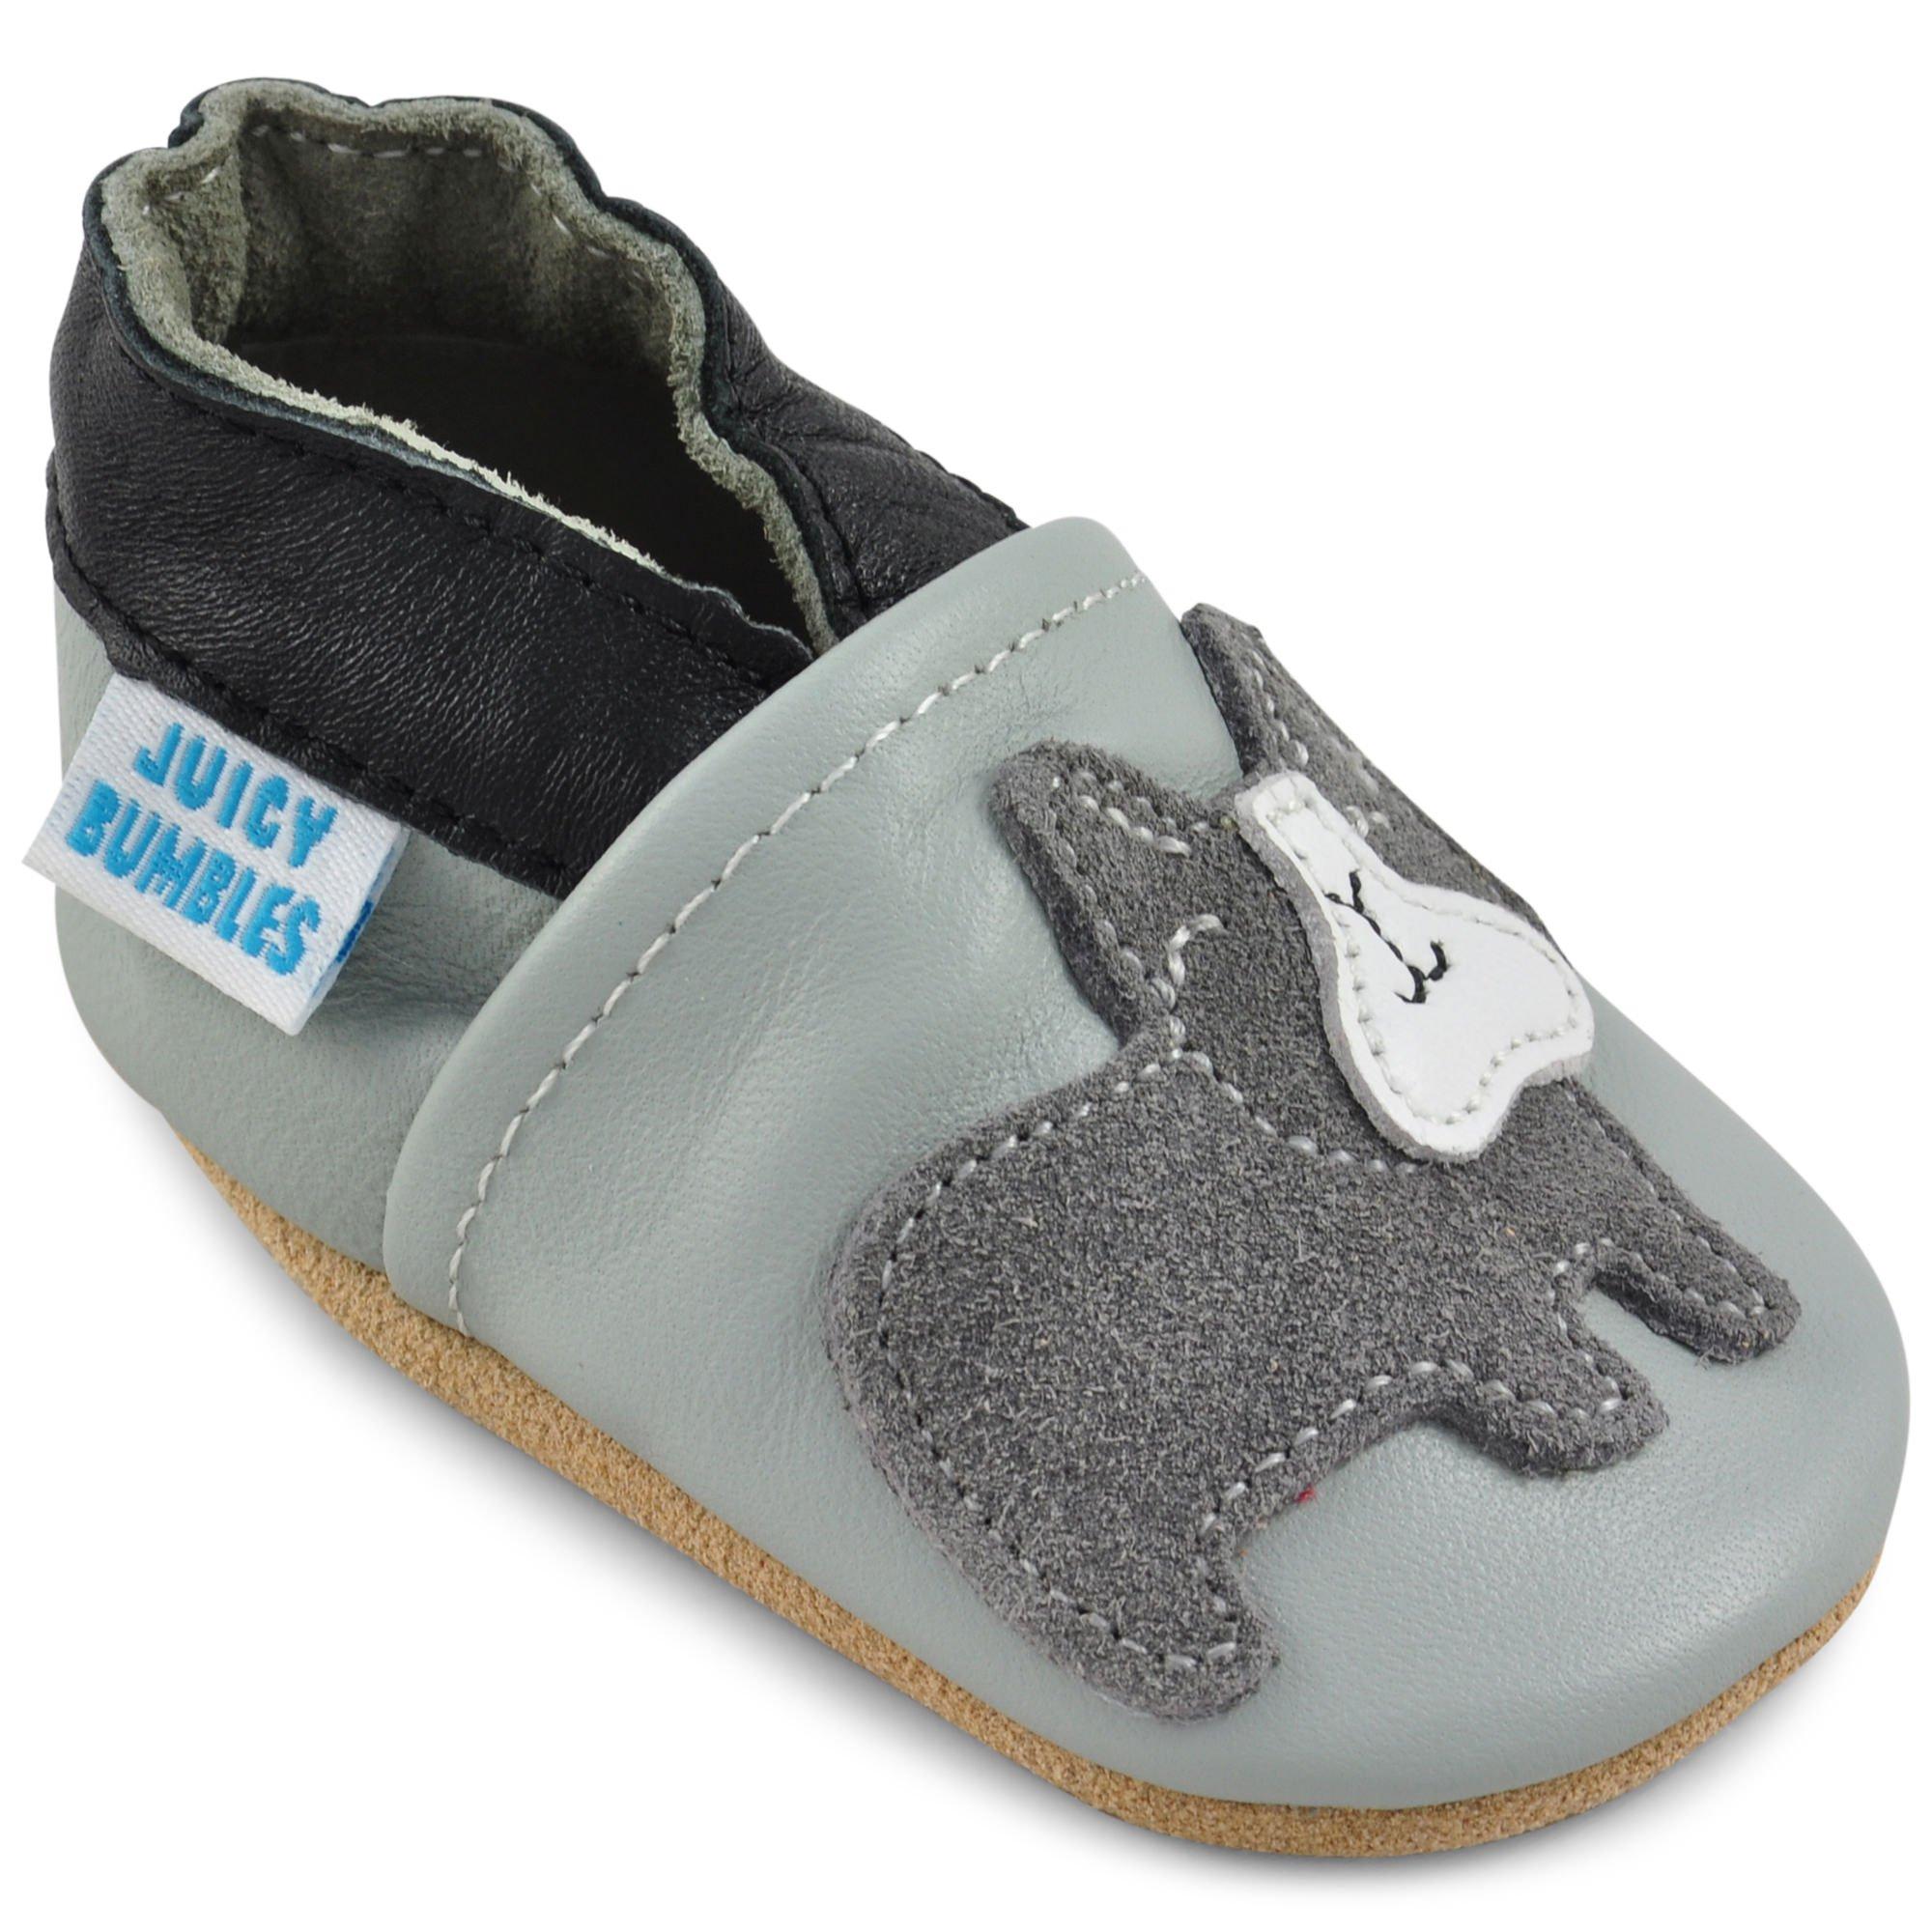 Conception innovante aee75 ec146 Top Chaussures premiers pas bébé garçon selon les notes ...